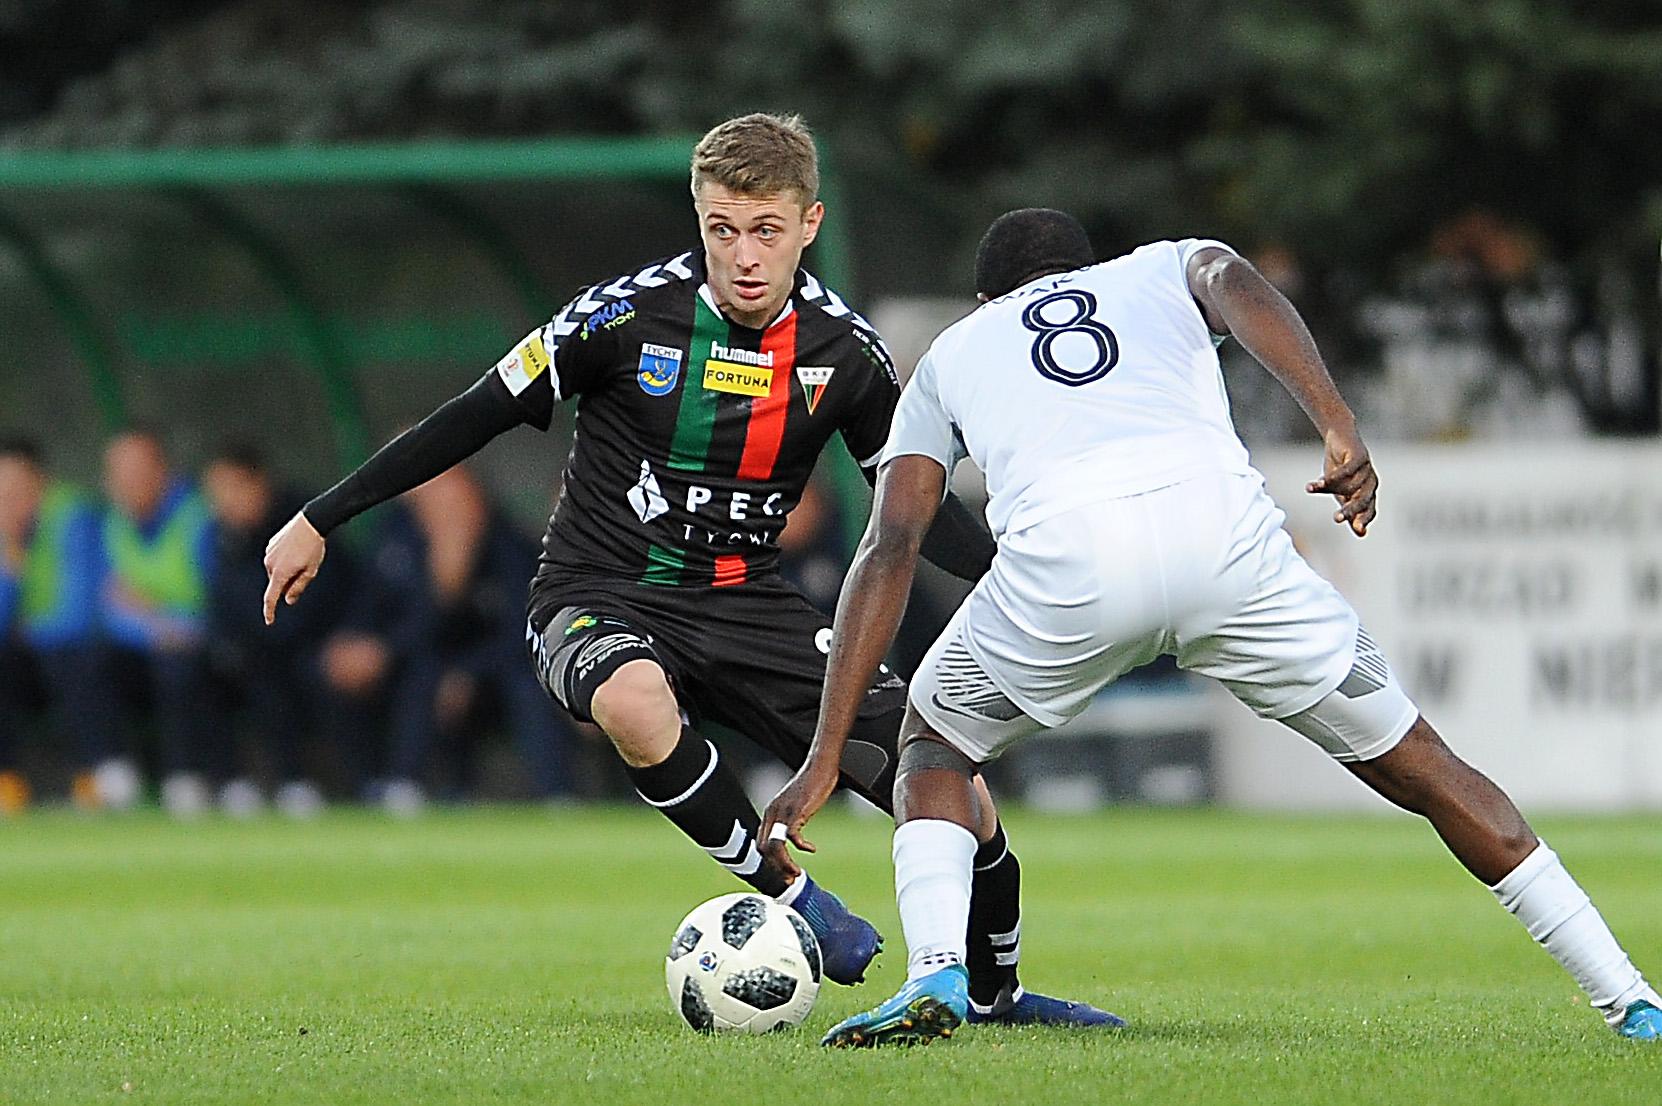 Hubert Adamczyk w meczu GKS Tychy - Puszcza Niepołomice